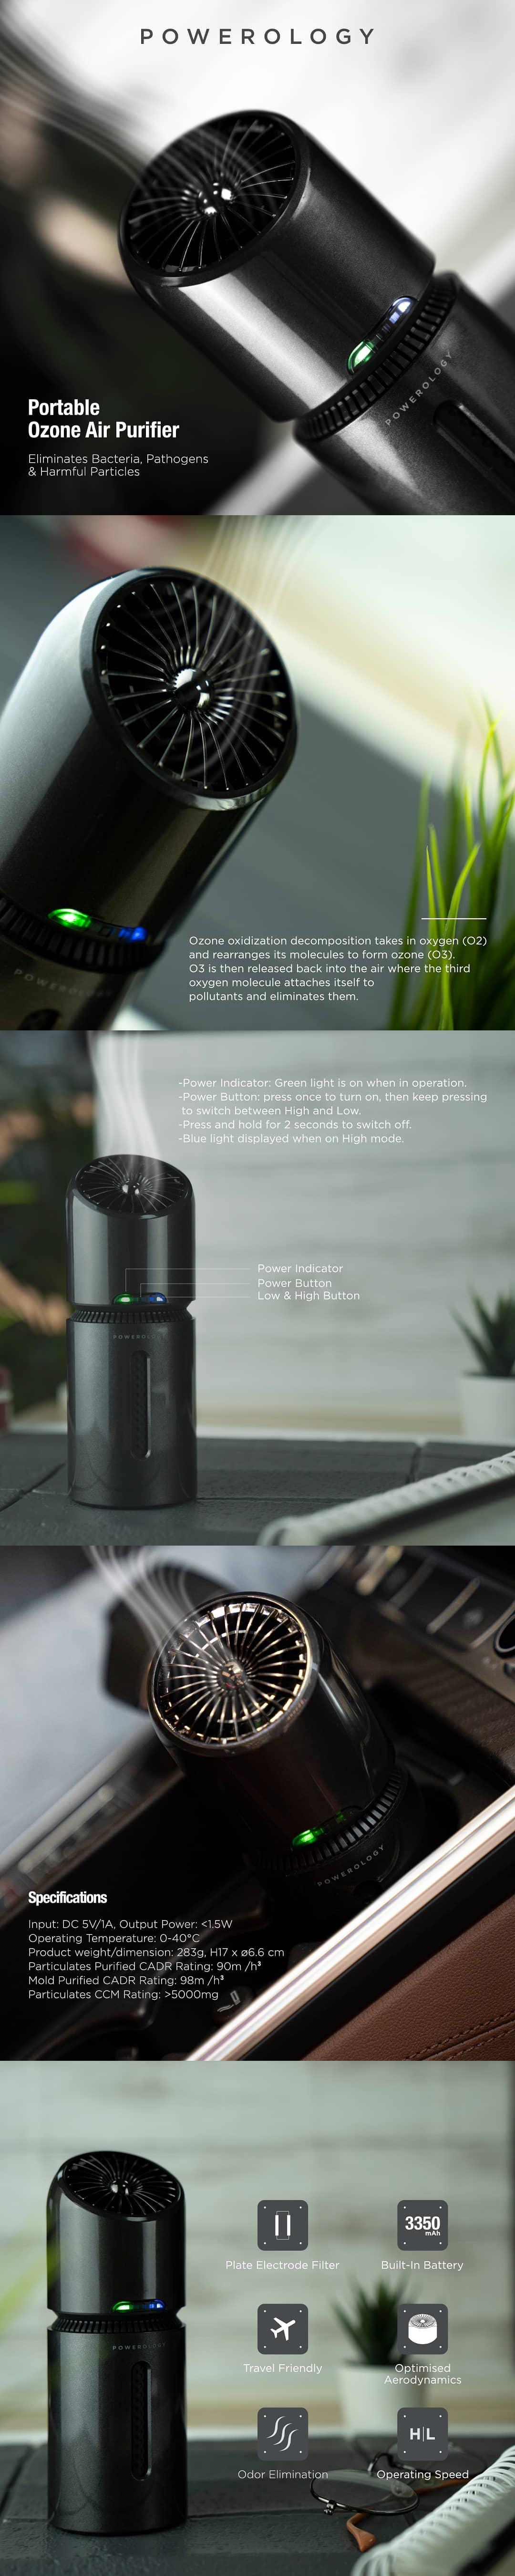 دستگاه تصفیه هوای قابل حمل پاورولوژی